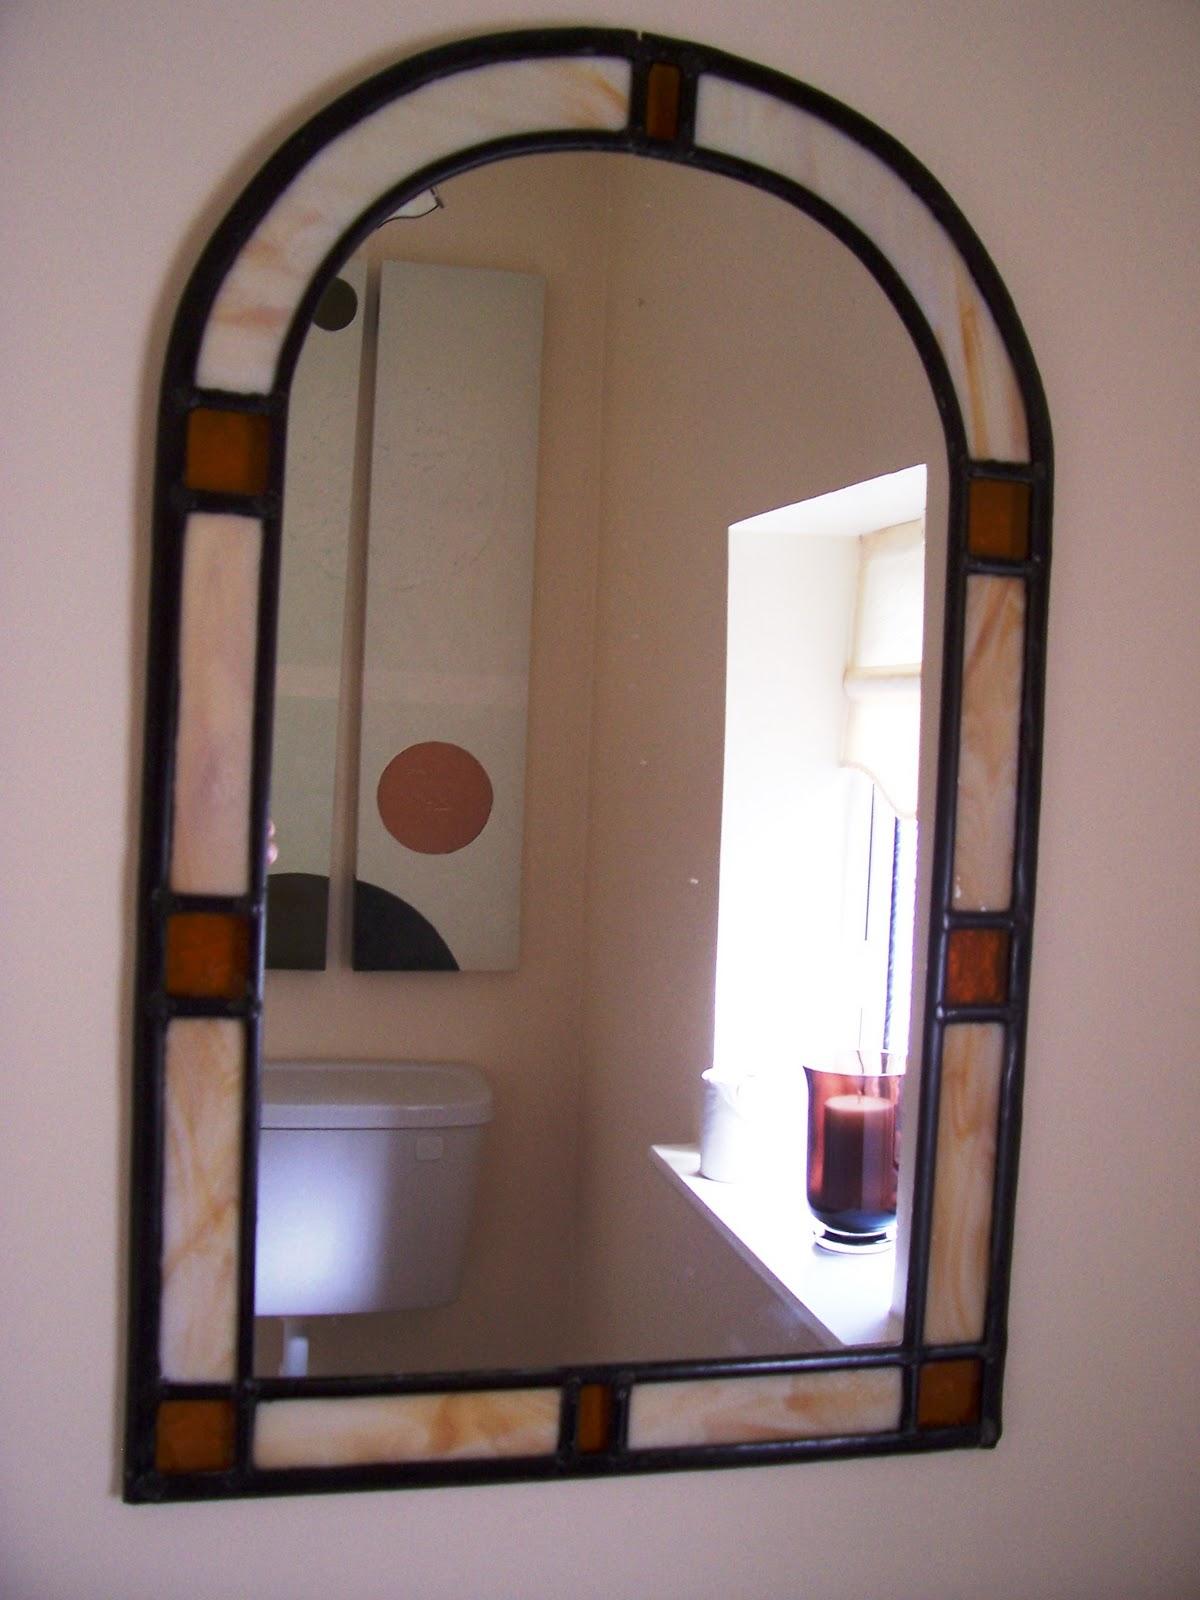 Decoraci n de rincones ideas para decorar con espejos de for Decorar marco espejo